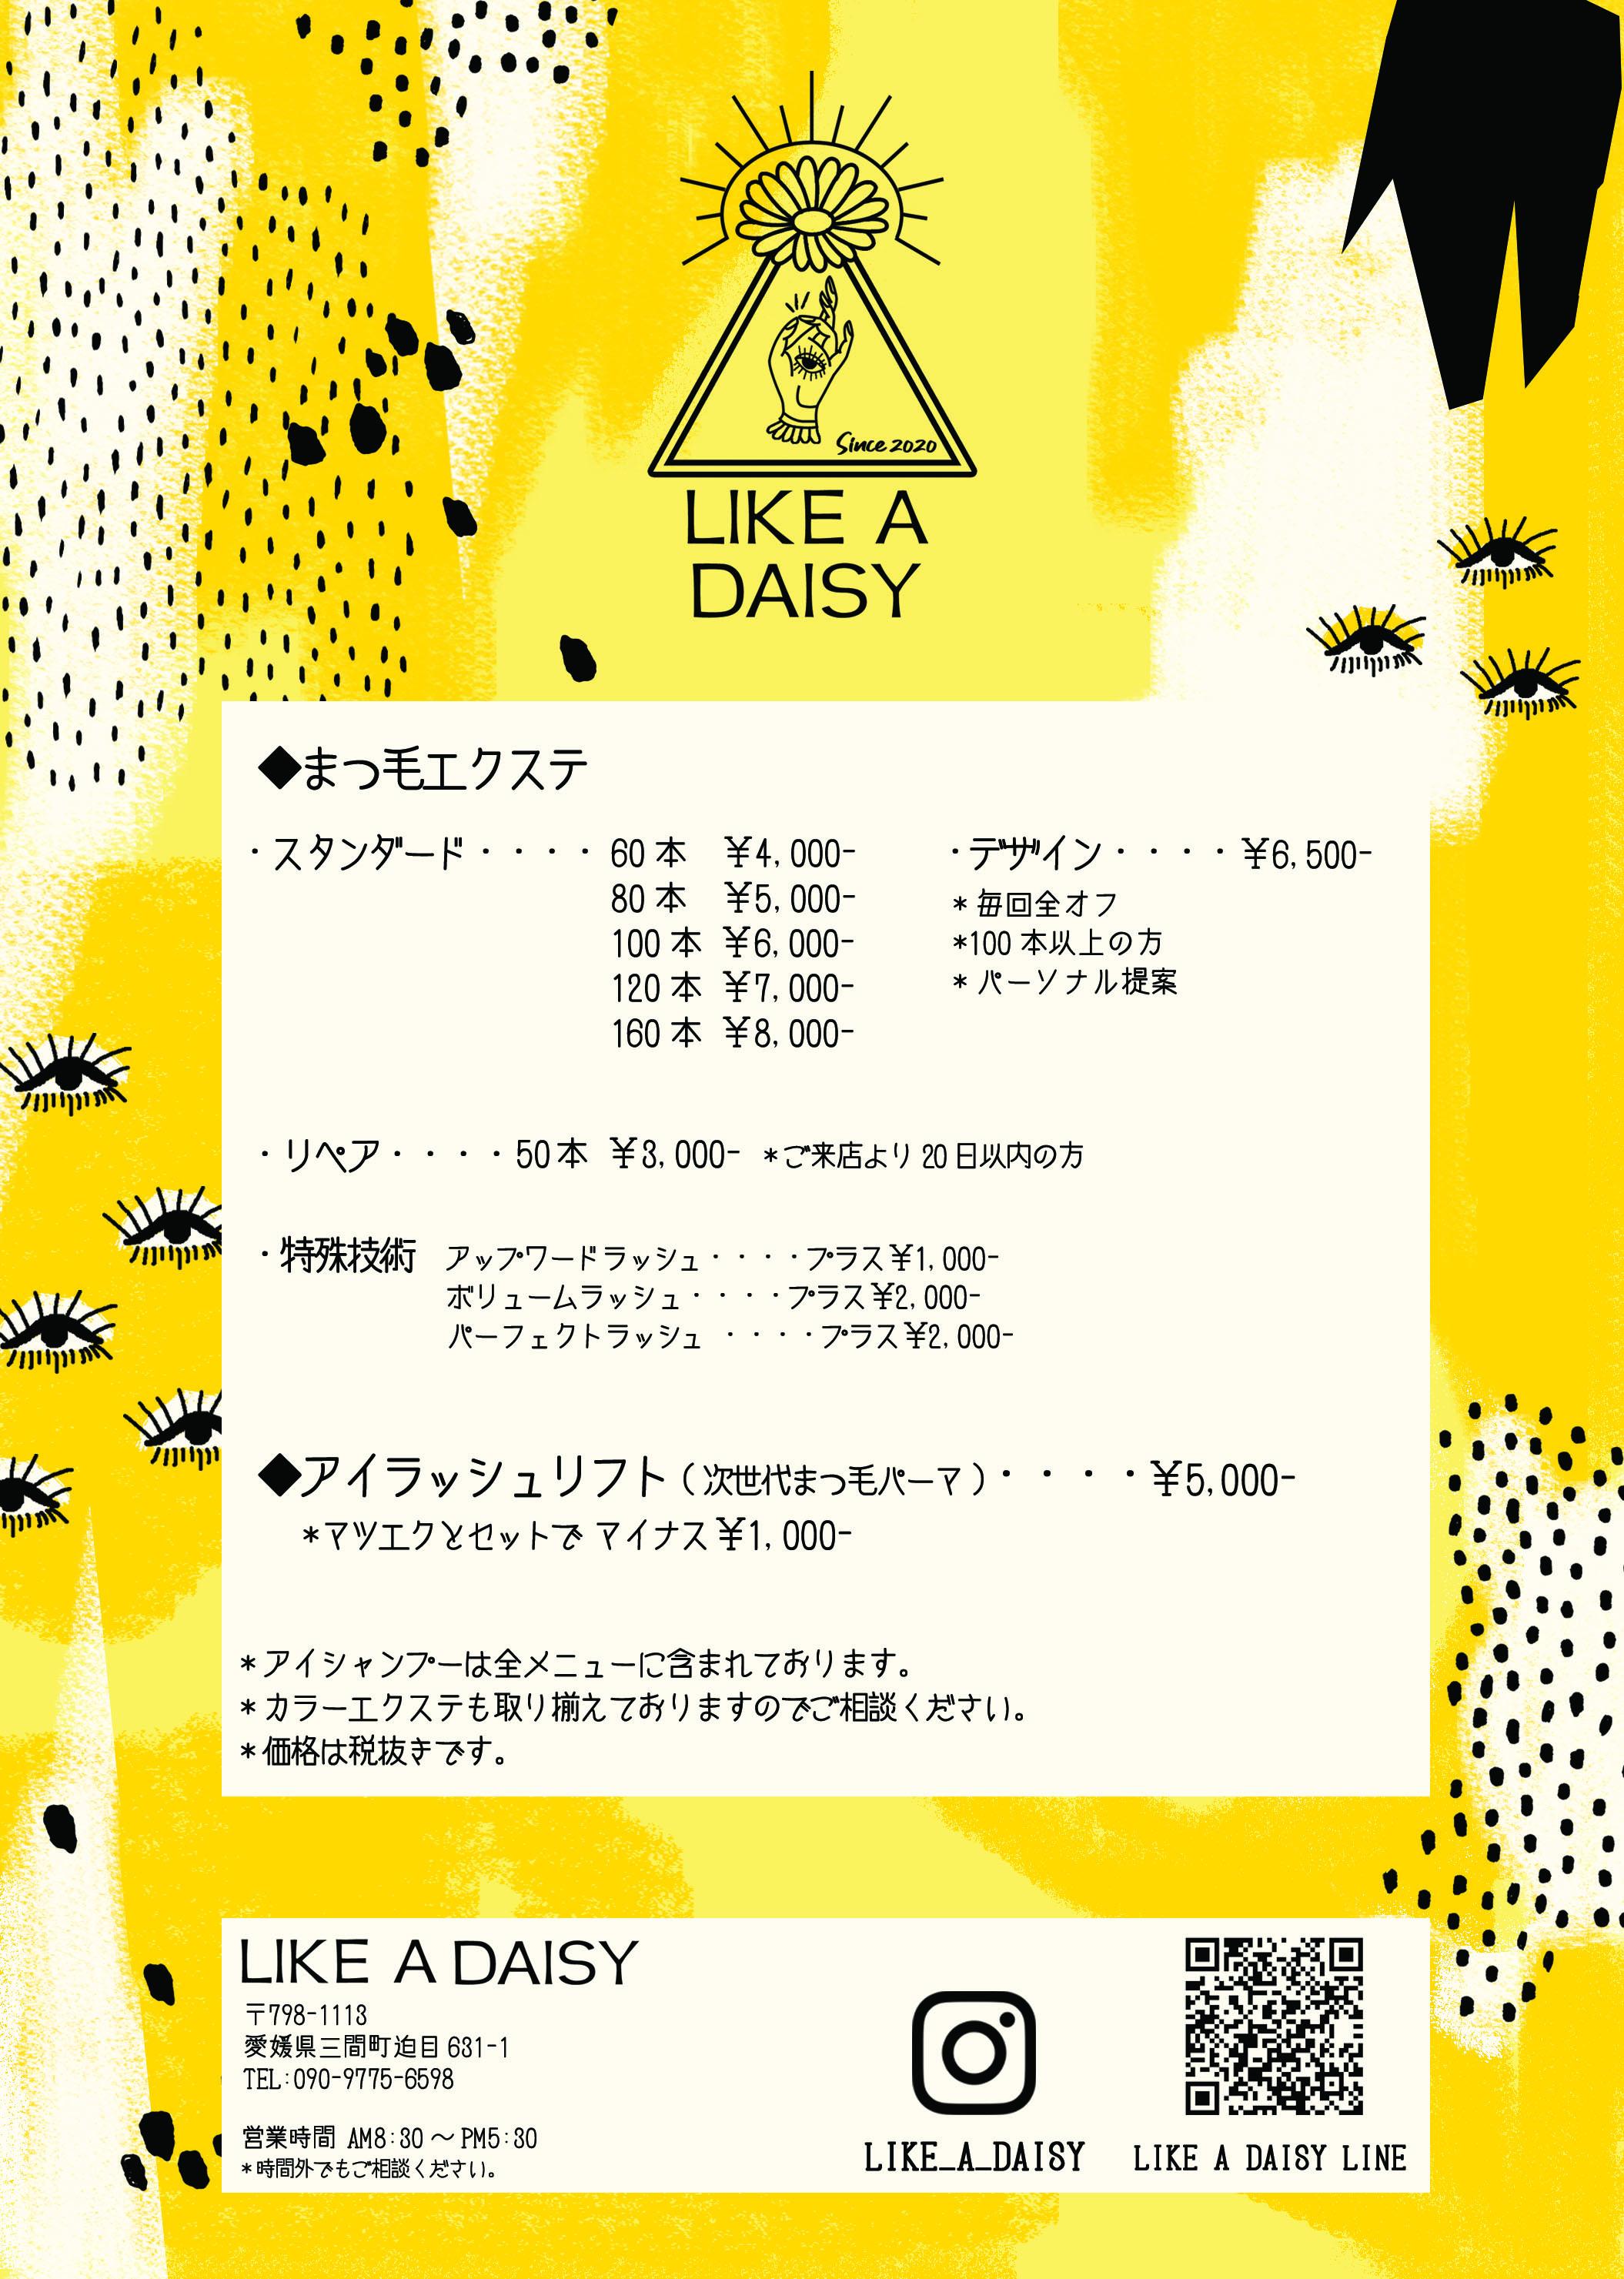 Like a Daisy フライヤーdesign